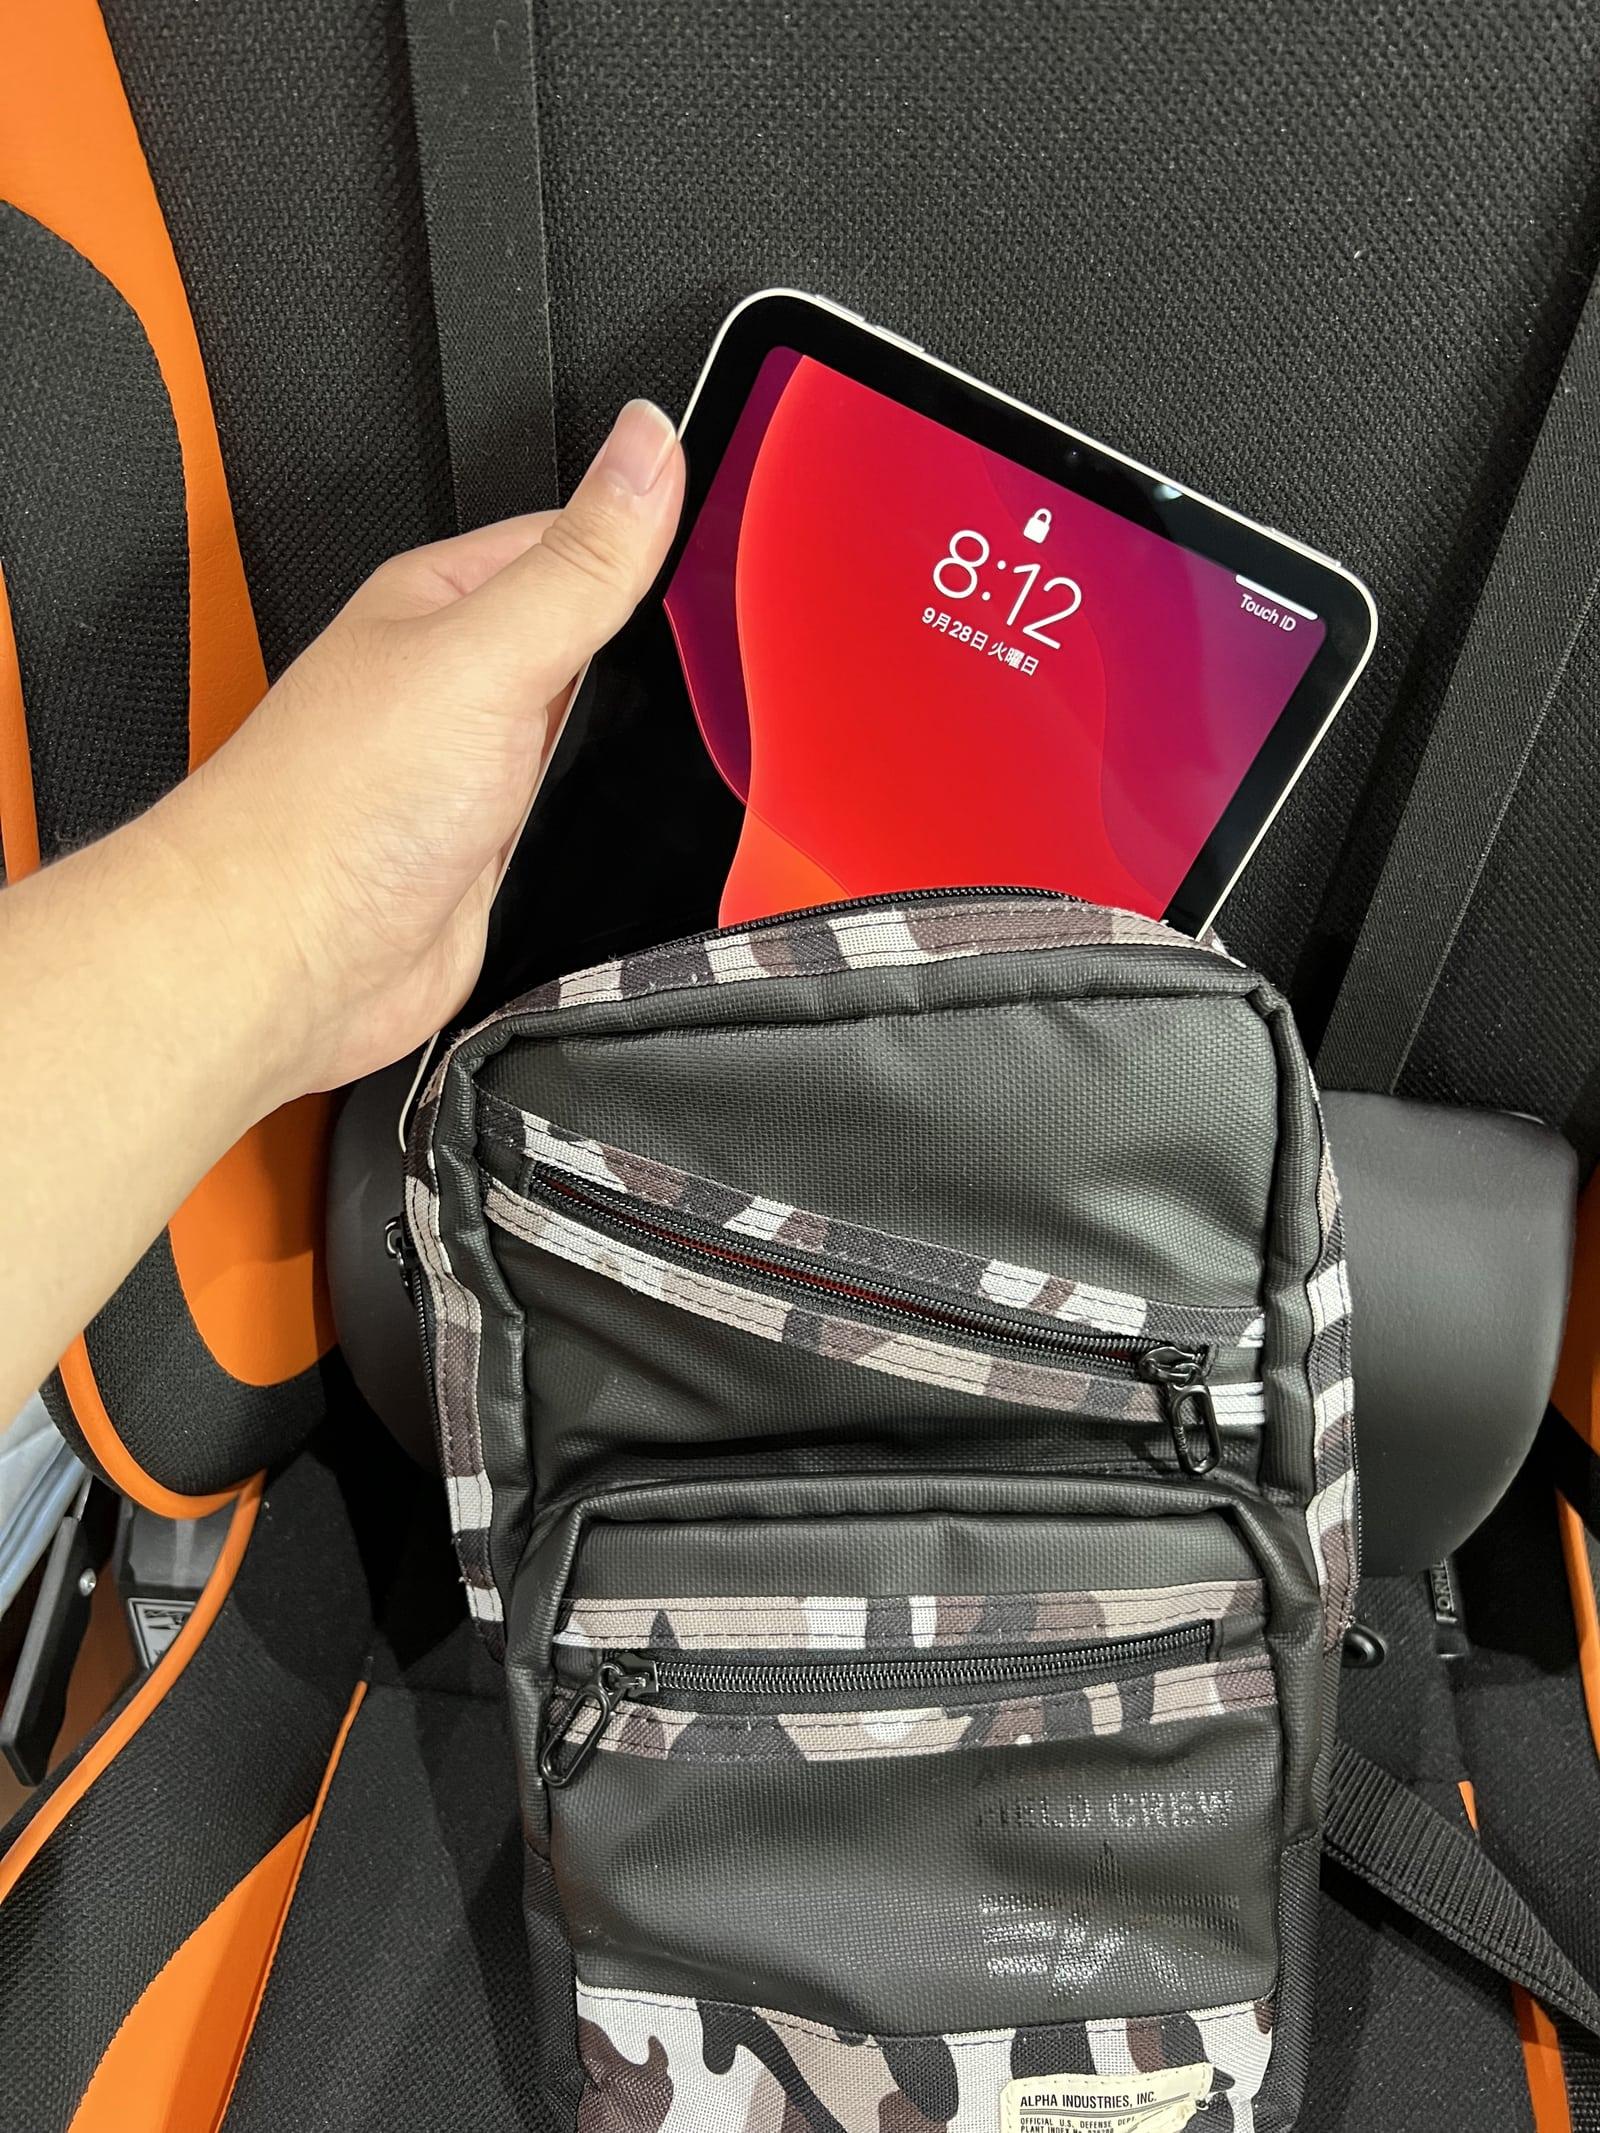 ボディバッグに入れて持ち運びたい人はiPad mini